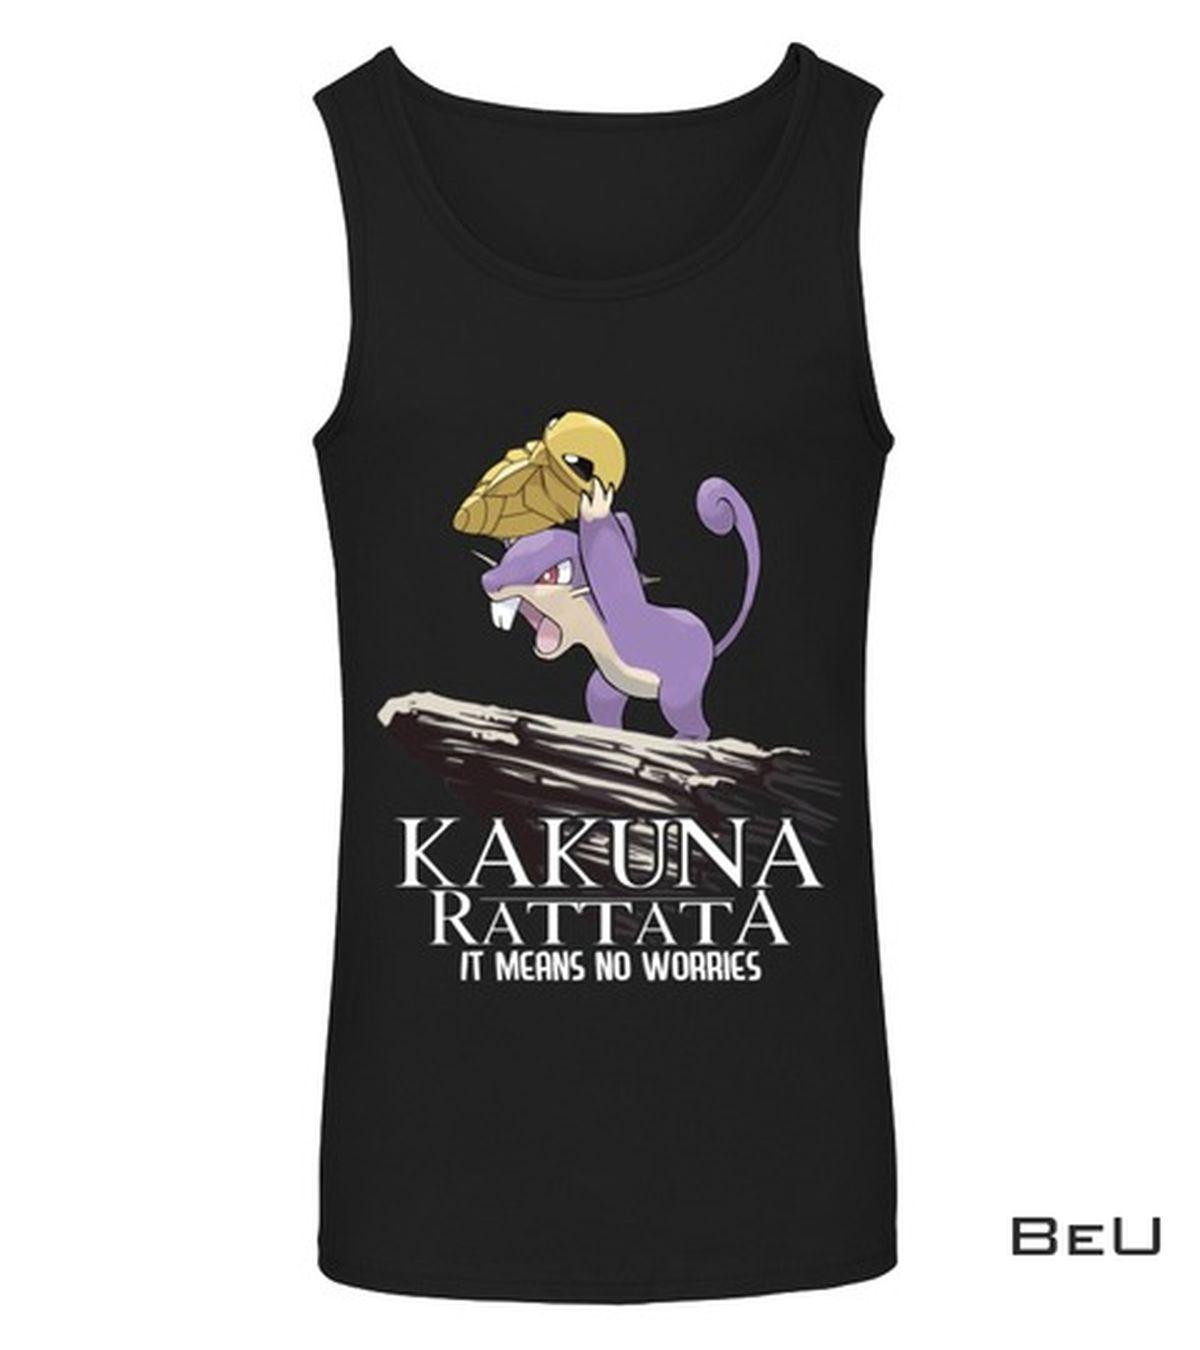 Pokemon Kakuna Rattata It Means No Worries Shirtx